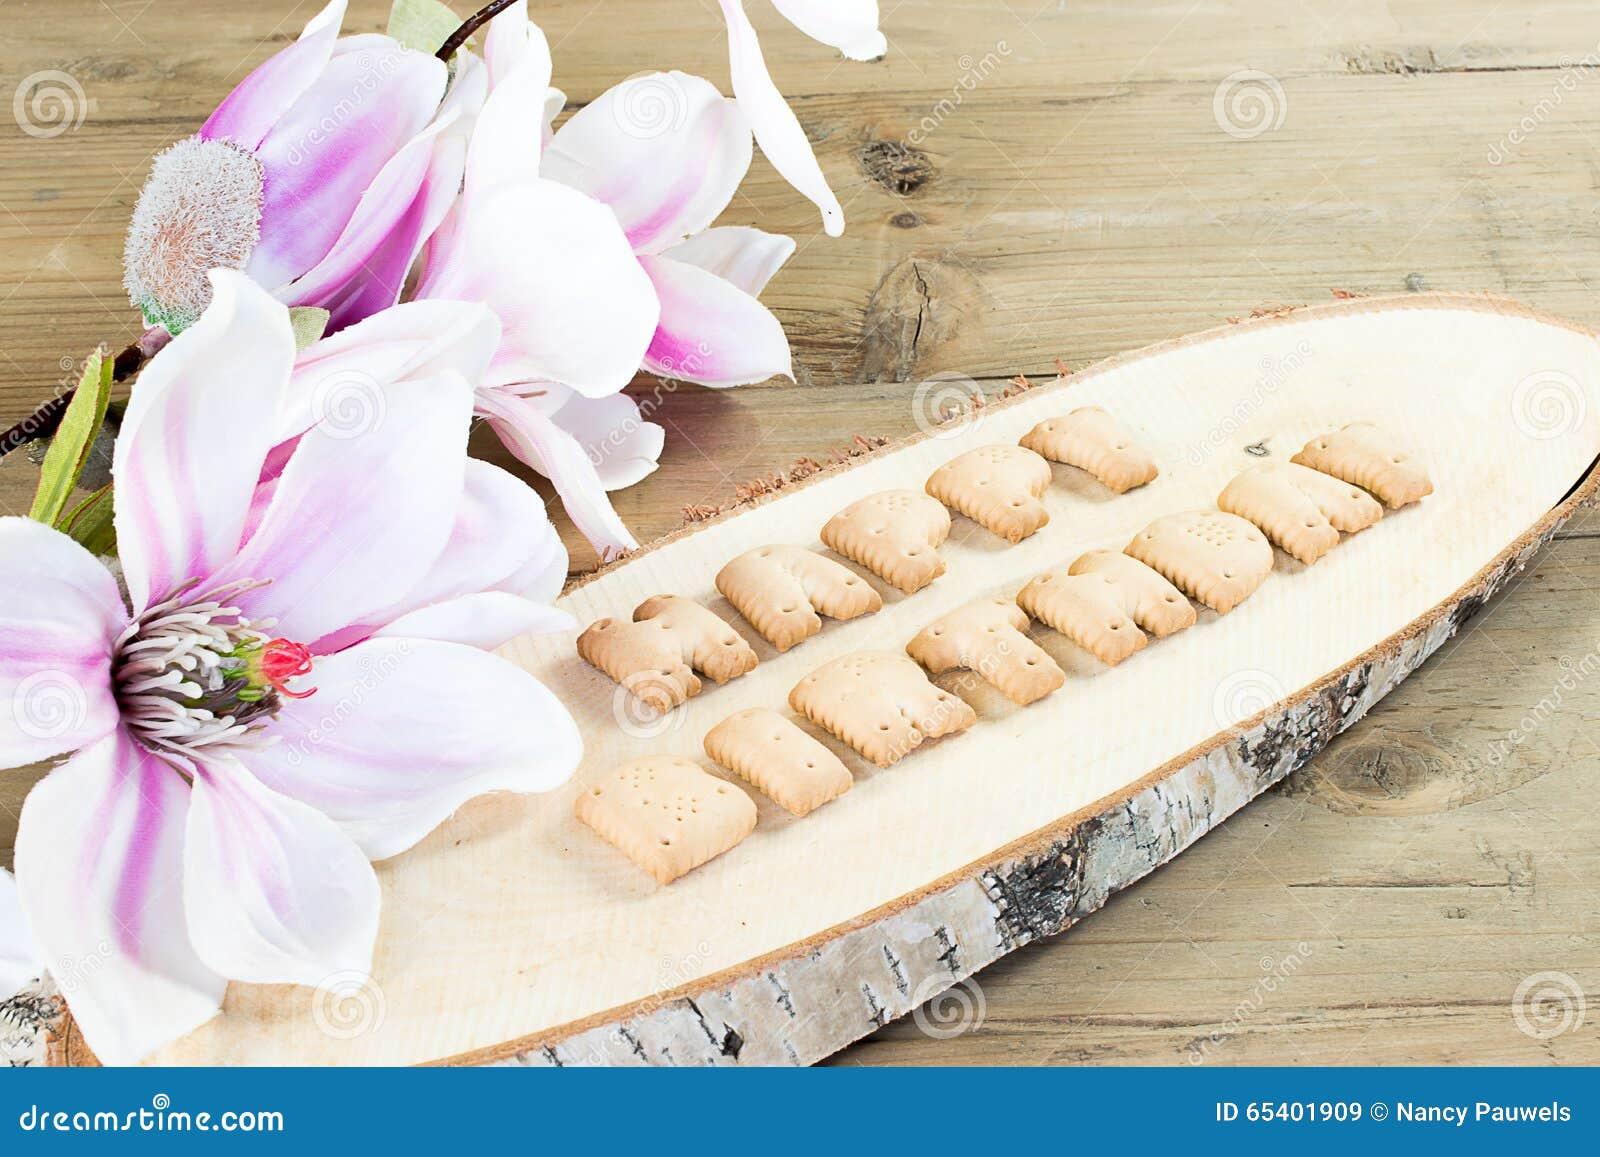 Buon Compleanno Scritto Con I Biscotti Immagine Stock Immagine Di